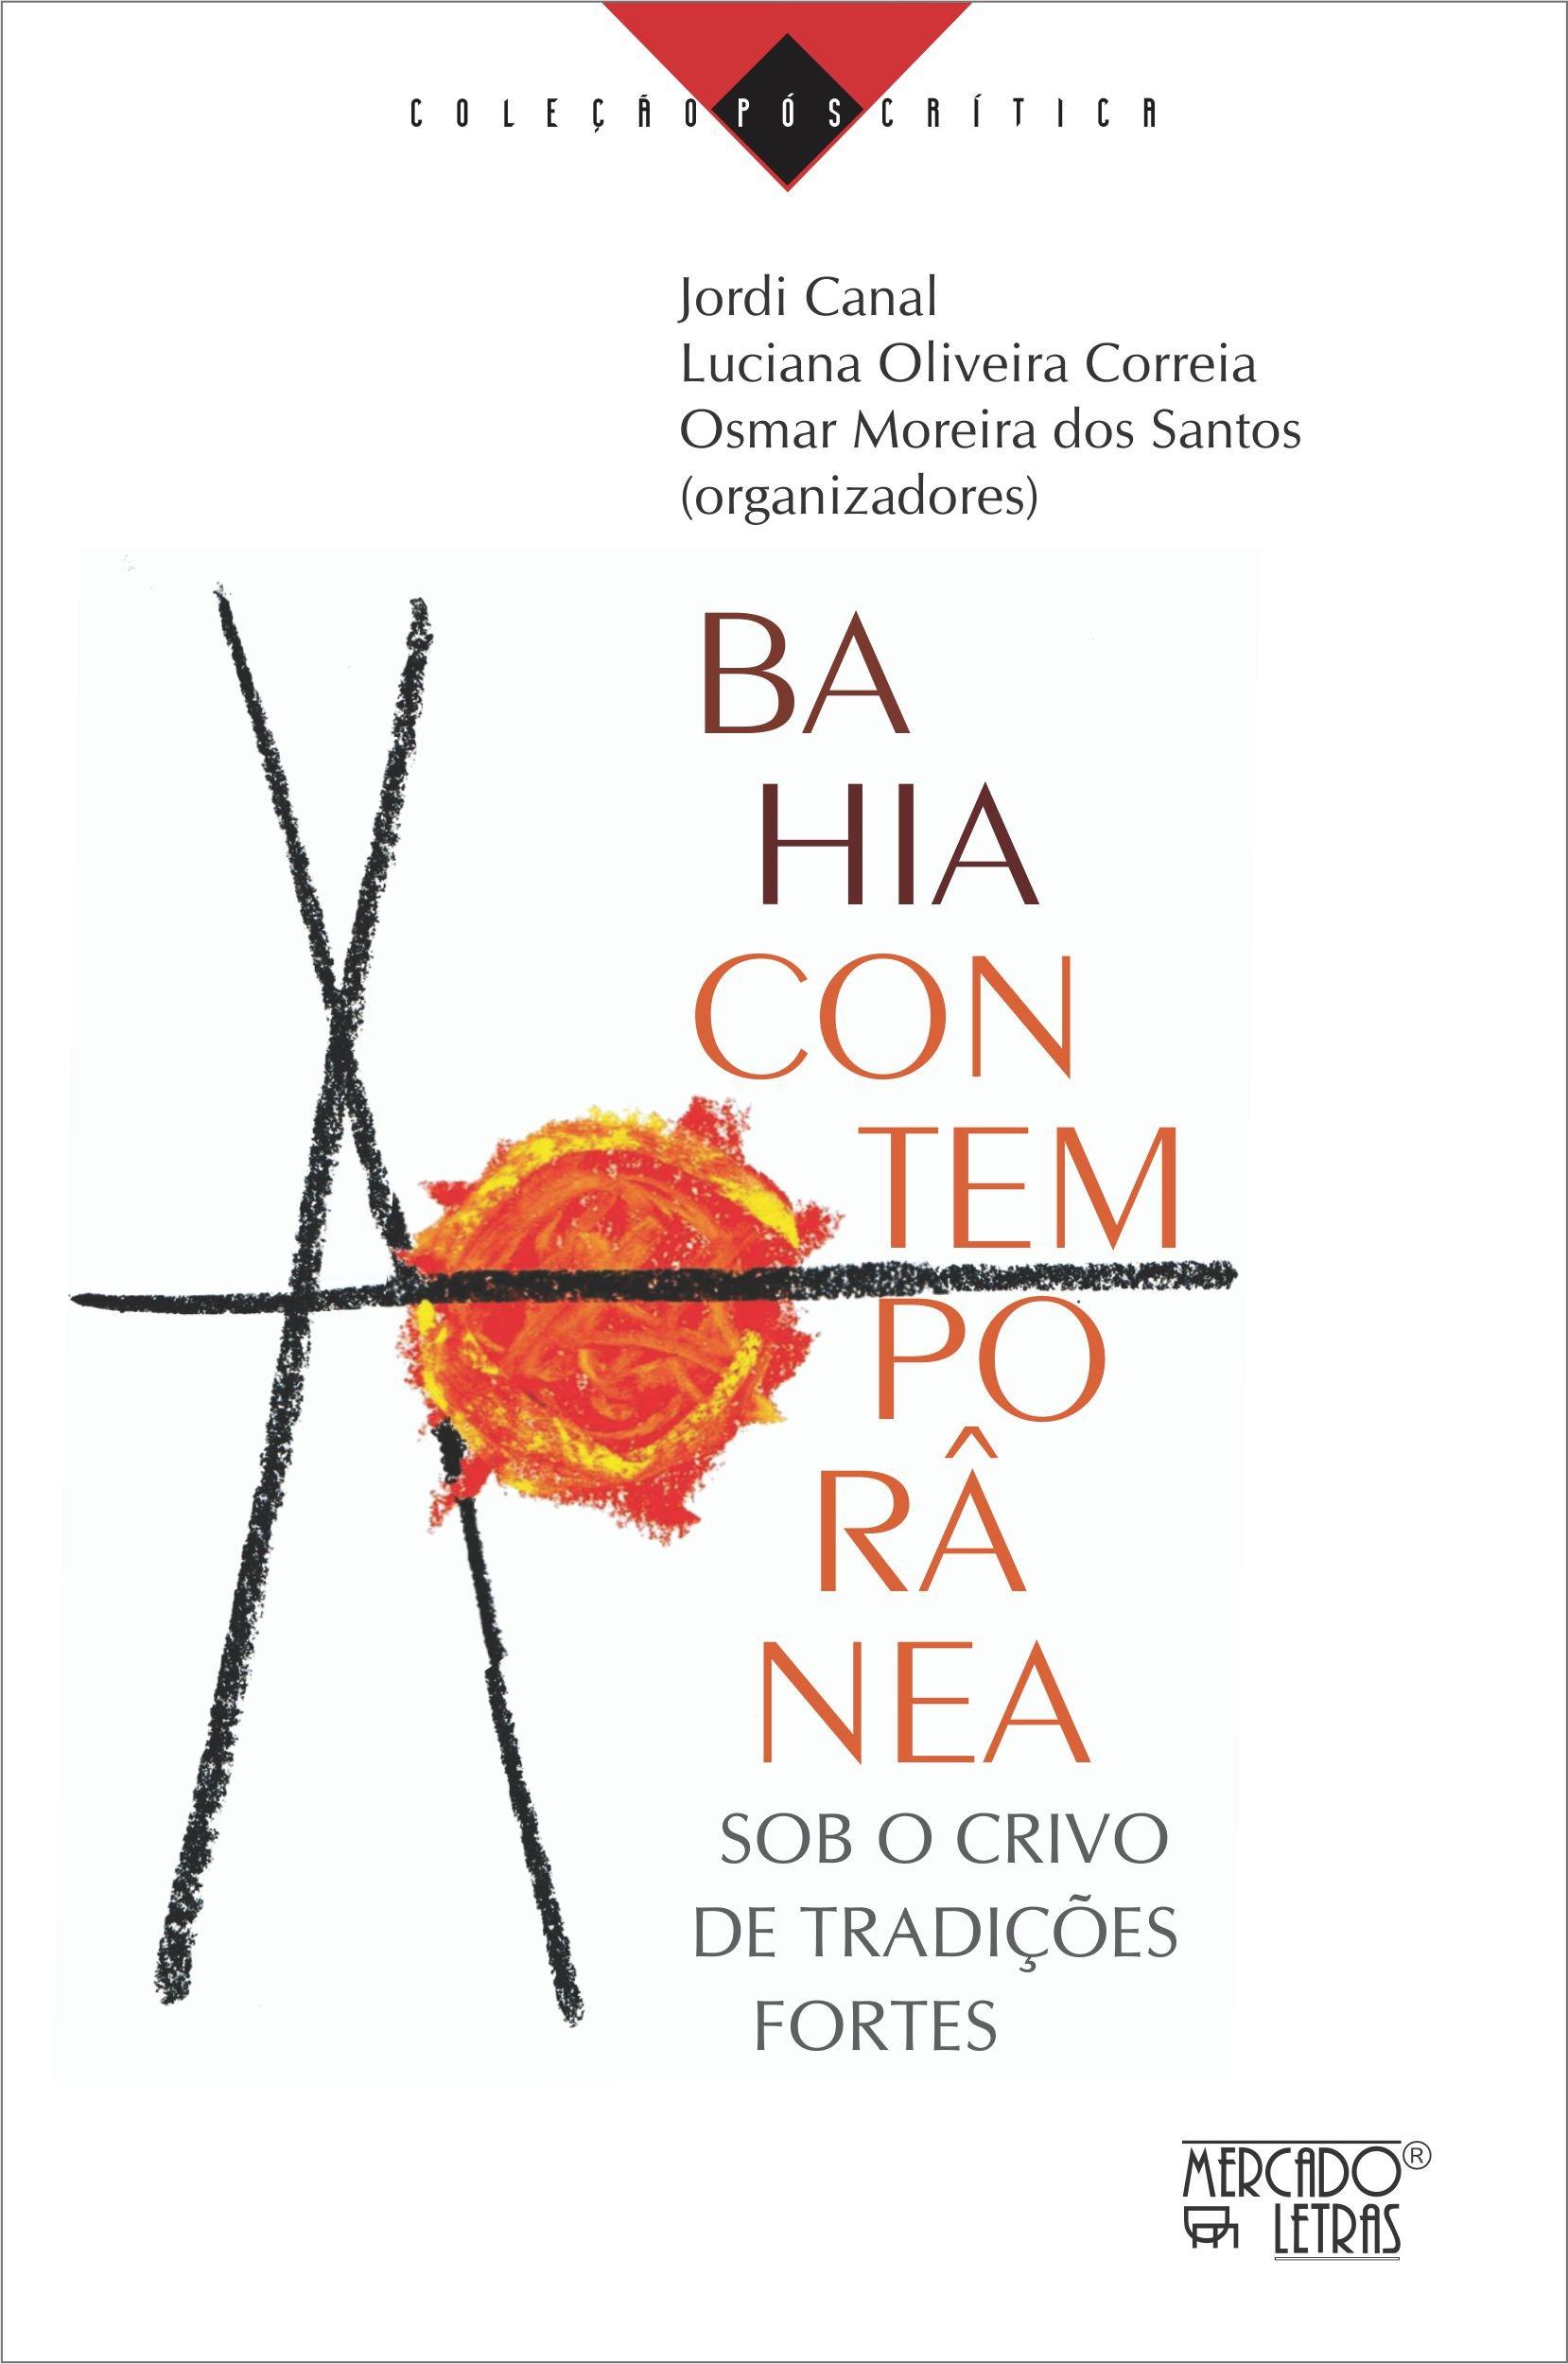 Bahia contemporânea. Sob o crivo de tradições fortes, livro de Luciana Oliveira Correia, Osmar Moreira dos Santos, Jordi Canal